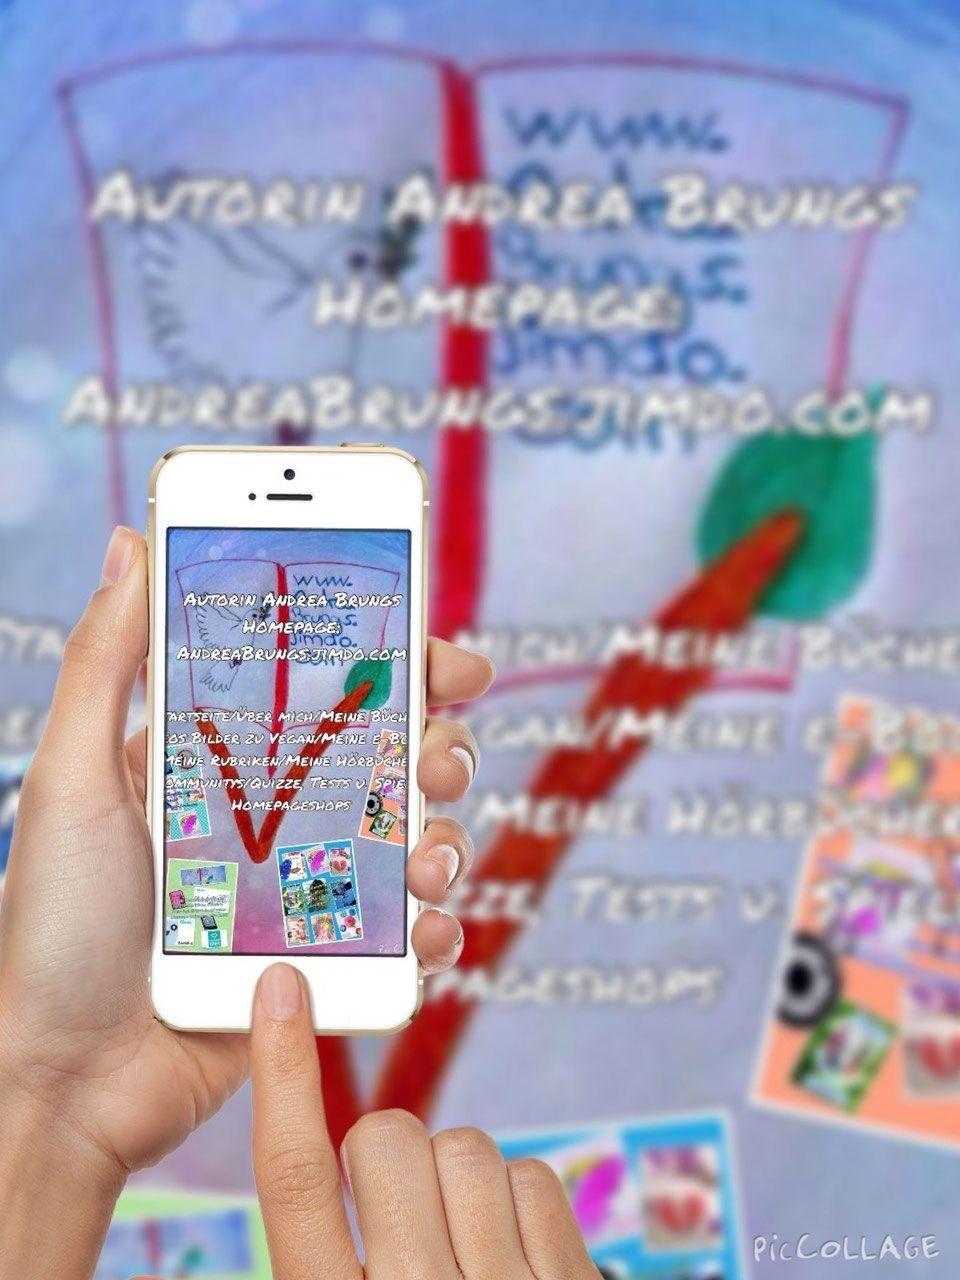 andreabrungs.jimdo.com App Update  Die App ist wieder inhaltlich mit aktuellen Themen angepasst. Auch was das Wetter angeht, ist die App wieder aktuell. Die App kann kostenlos auf andreabrungs.jimdo.com auf dem rechten Seitenrand auf deinen Desktop runter